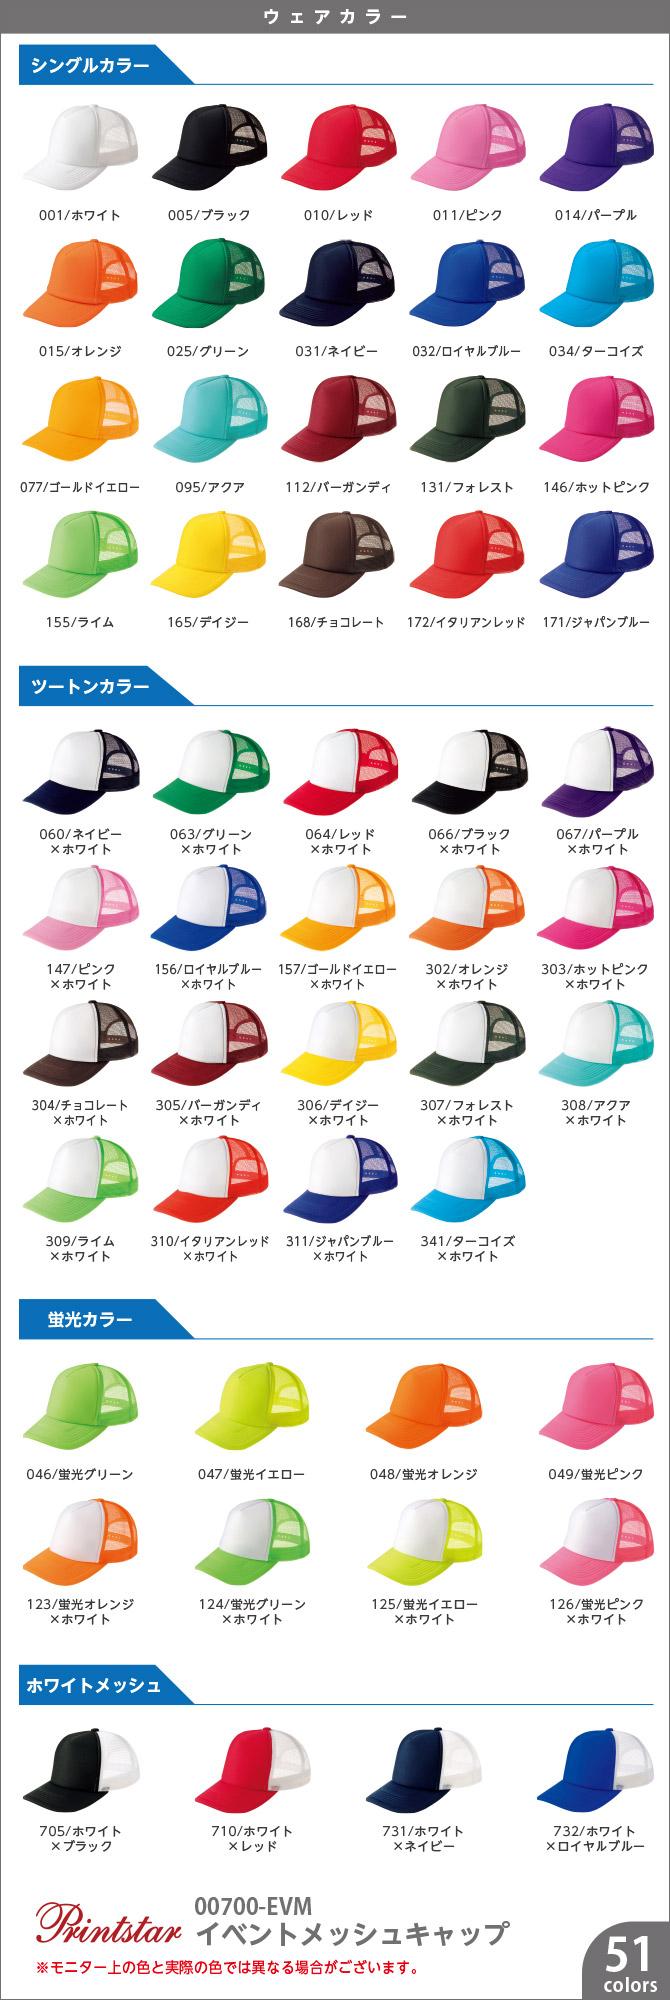 無地ウェア>キャップ・帽子>メッシュキャップ>00700-EVM